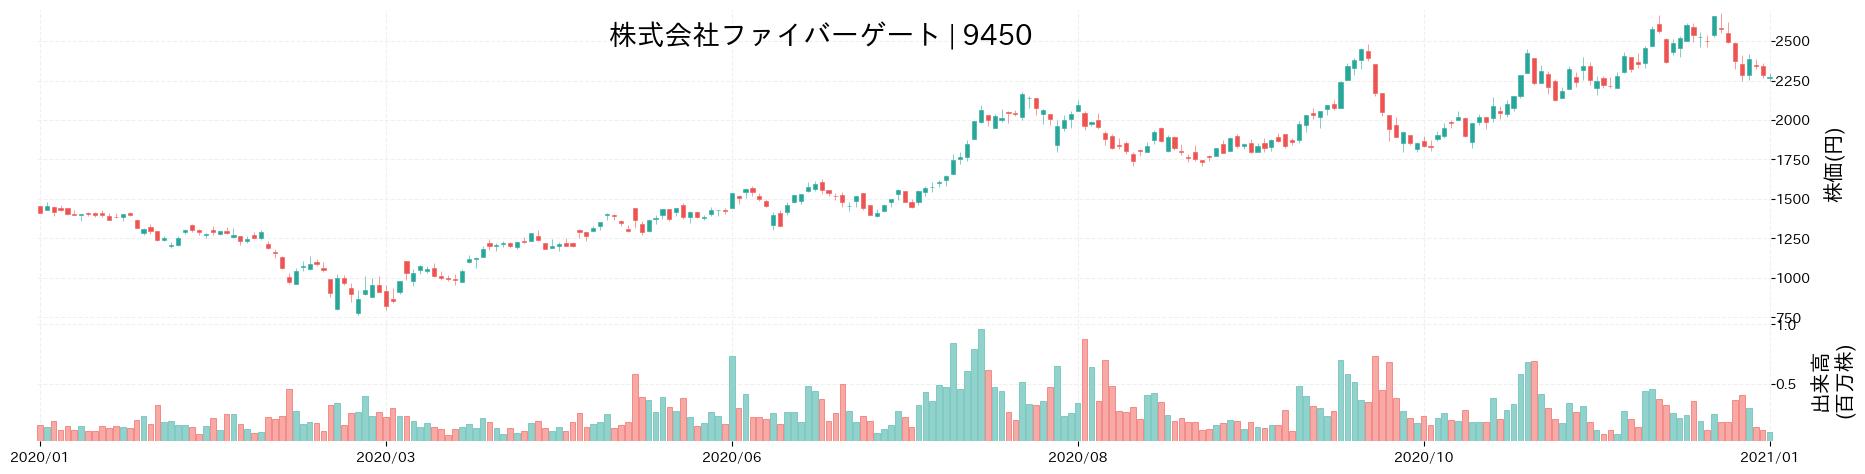 株式会社ファイバーゲートの株価推移(2020)